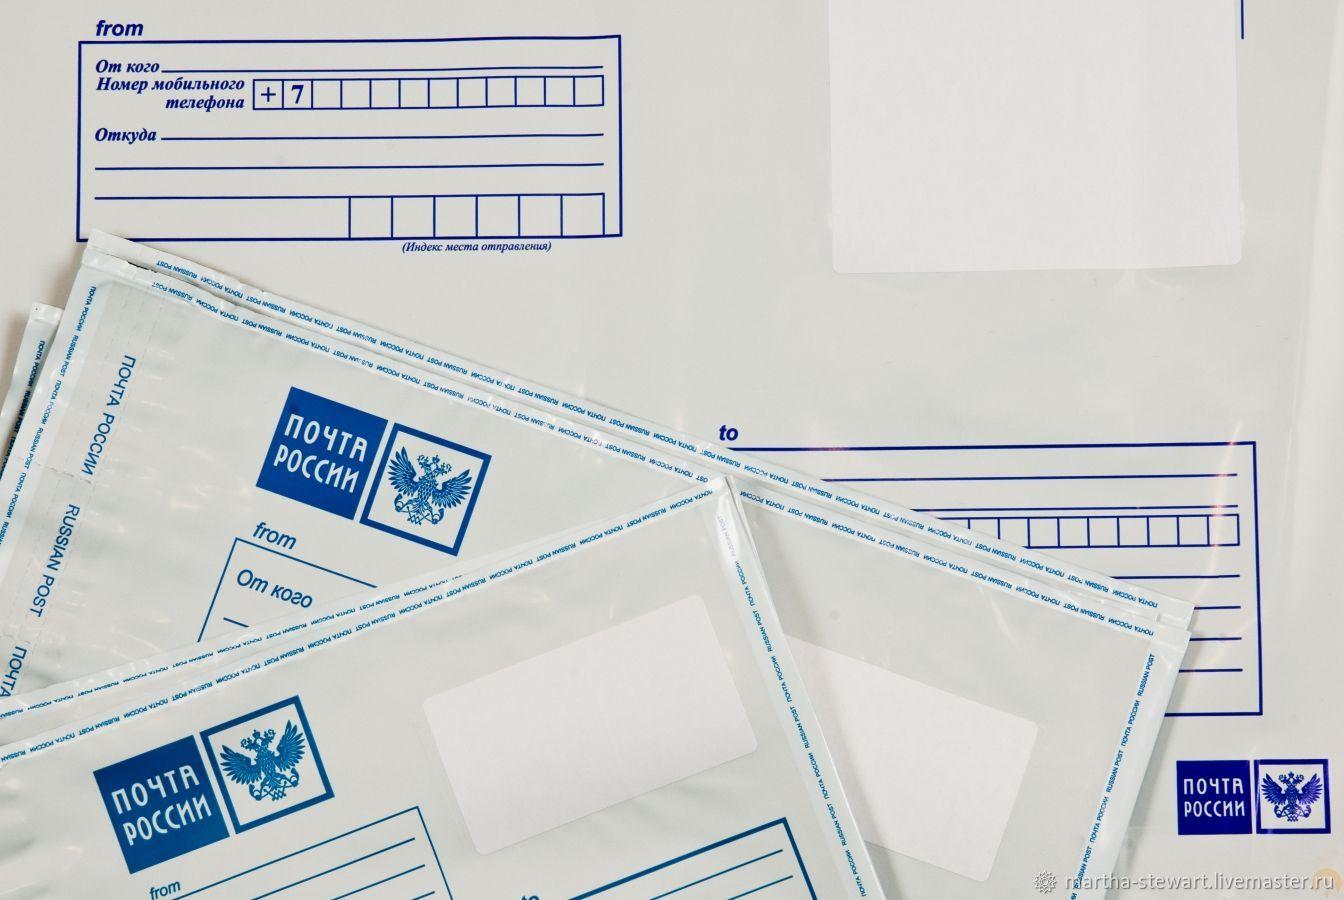 Санек, картинки для отправки почты